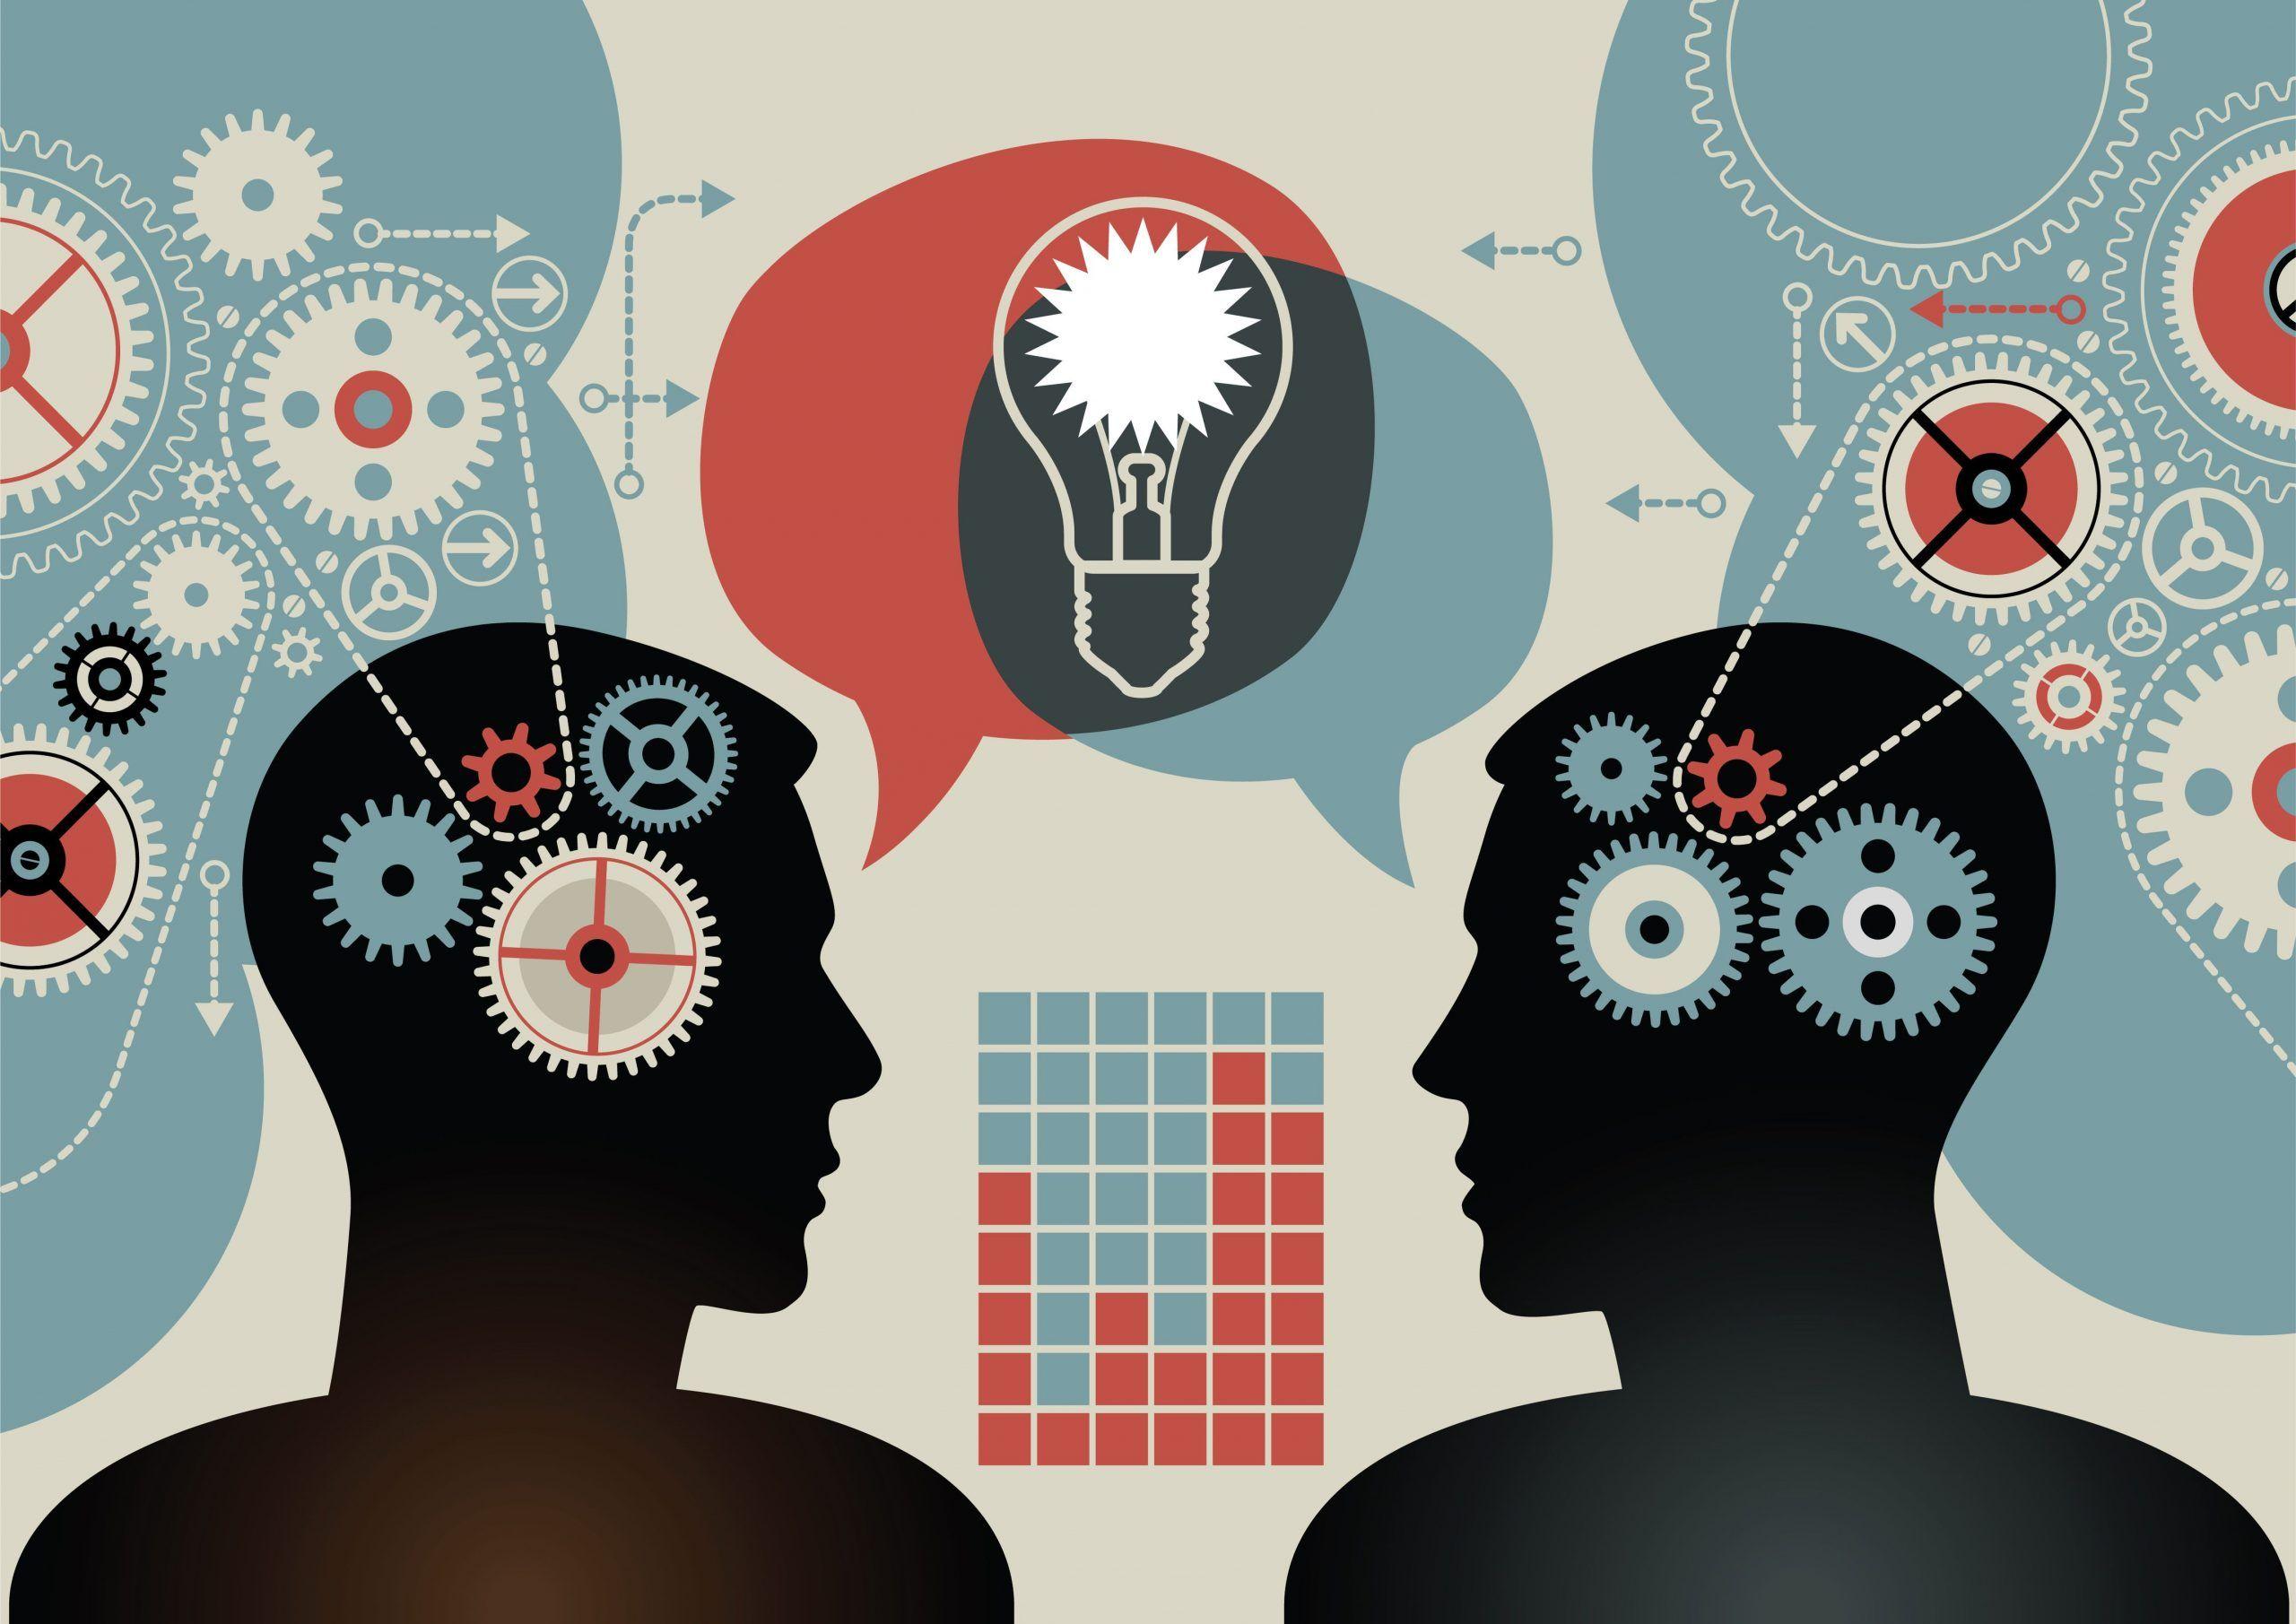 Come si brevetta un'idea e quanto costa